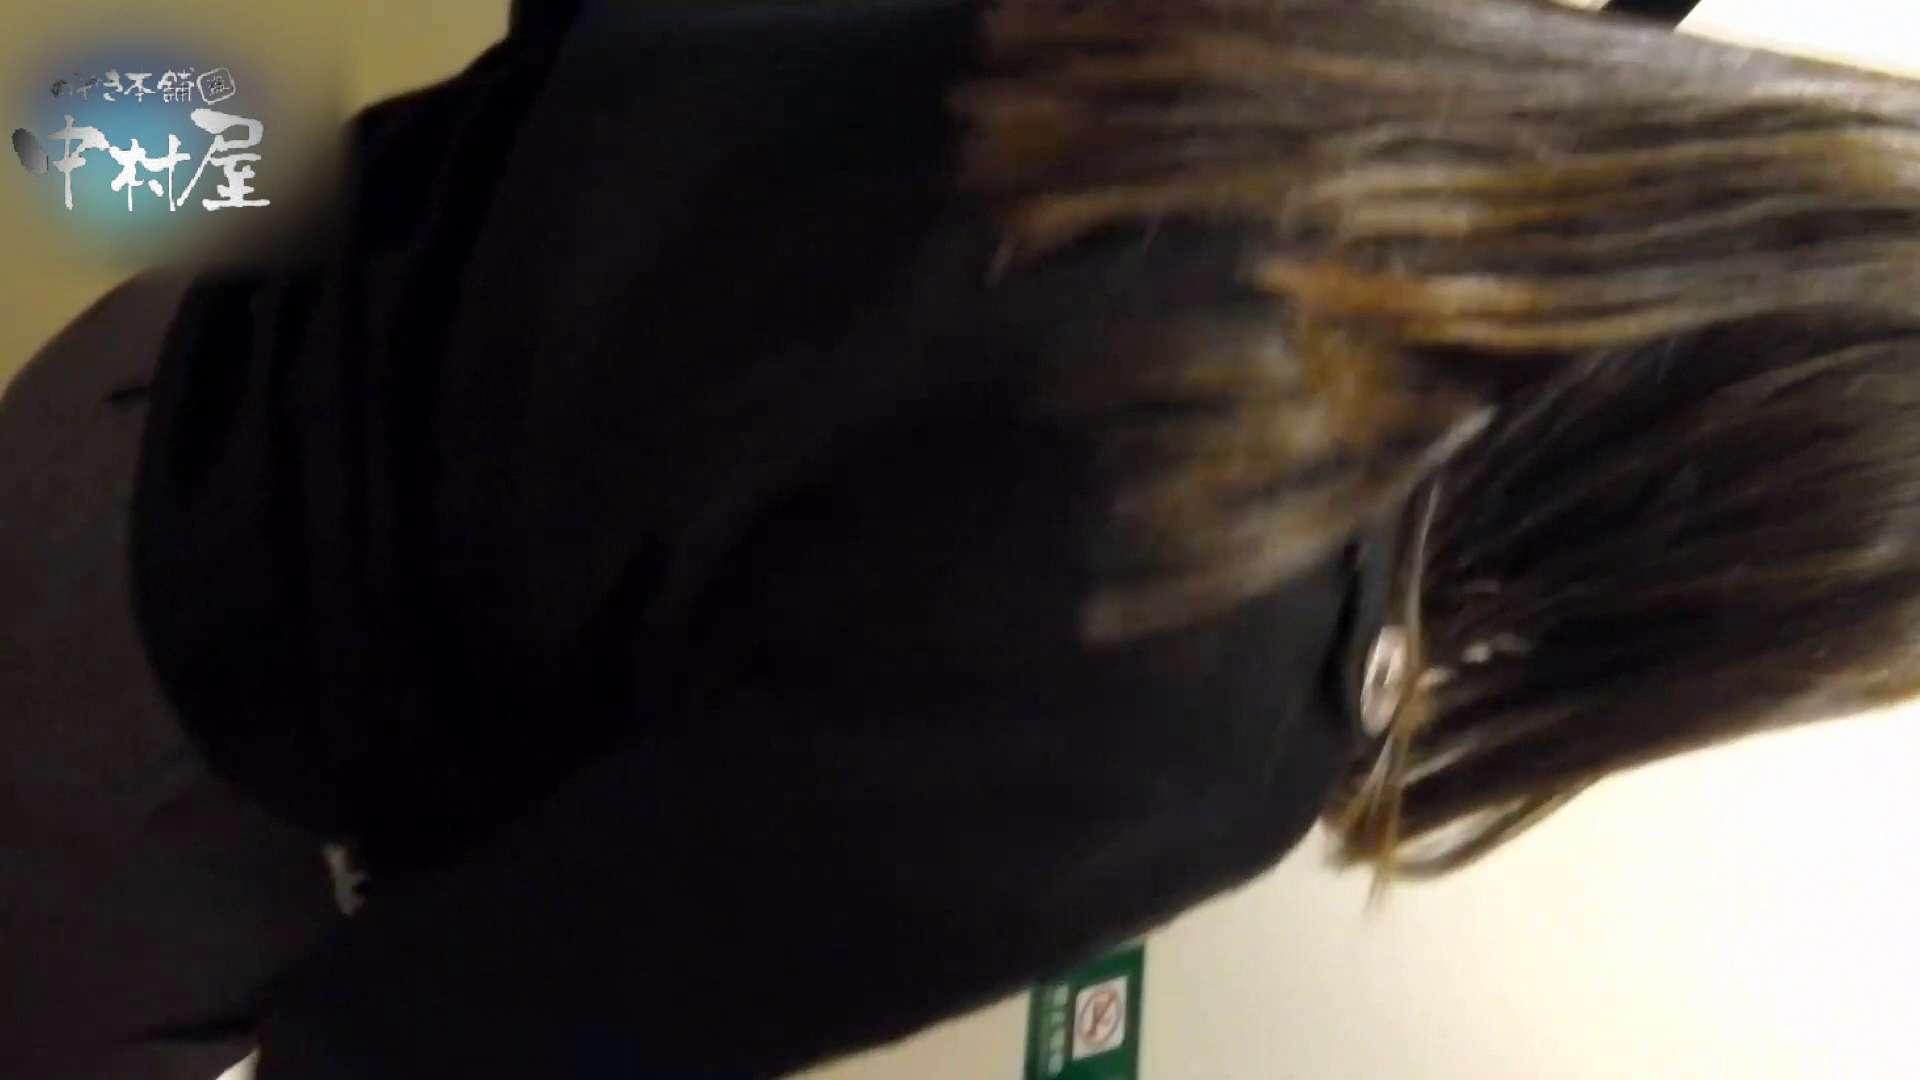 乙女集まる!ショッピングモール潜入撮vol.02 潜入 | OLのエロ生活  76連発 43